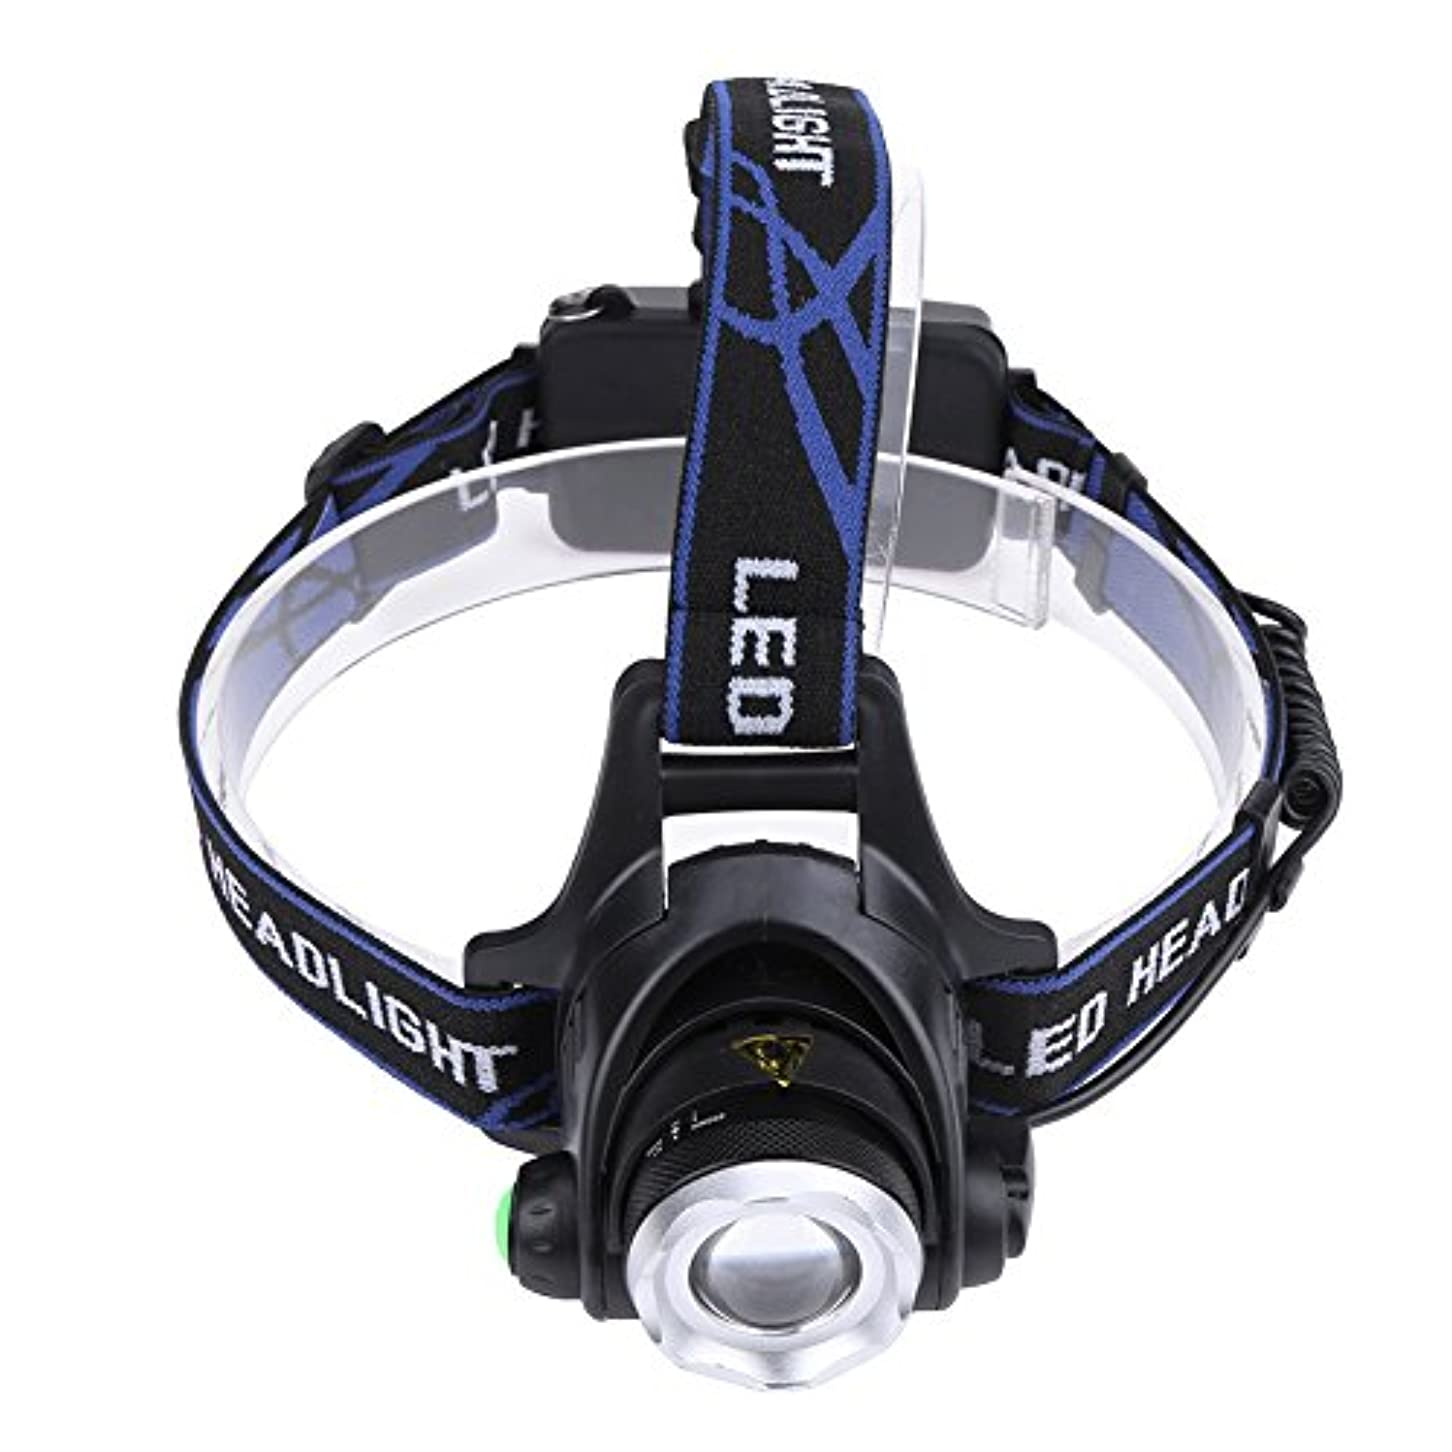 砂漠豆腐成功したヘッドライト ヘッドランプ  LED ヘッドライト フラッシュライト  LED懐中電灯 生活防水 ハイキング/夜釣り/作業/自転車/キャンプに最適 SIKIWIND (#2)